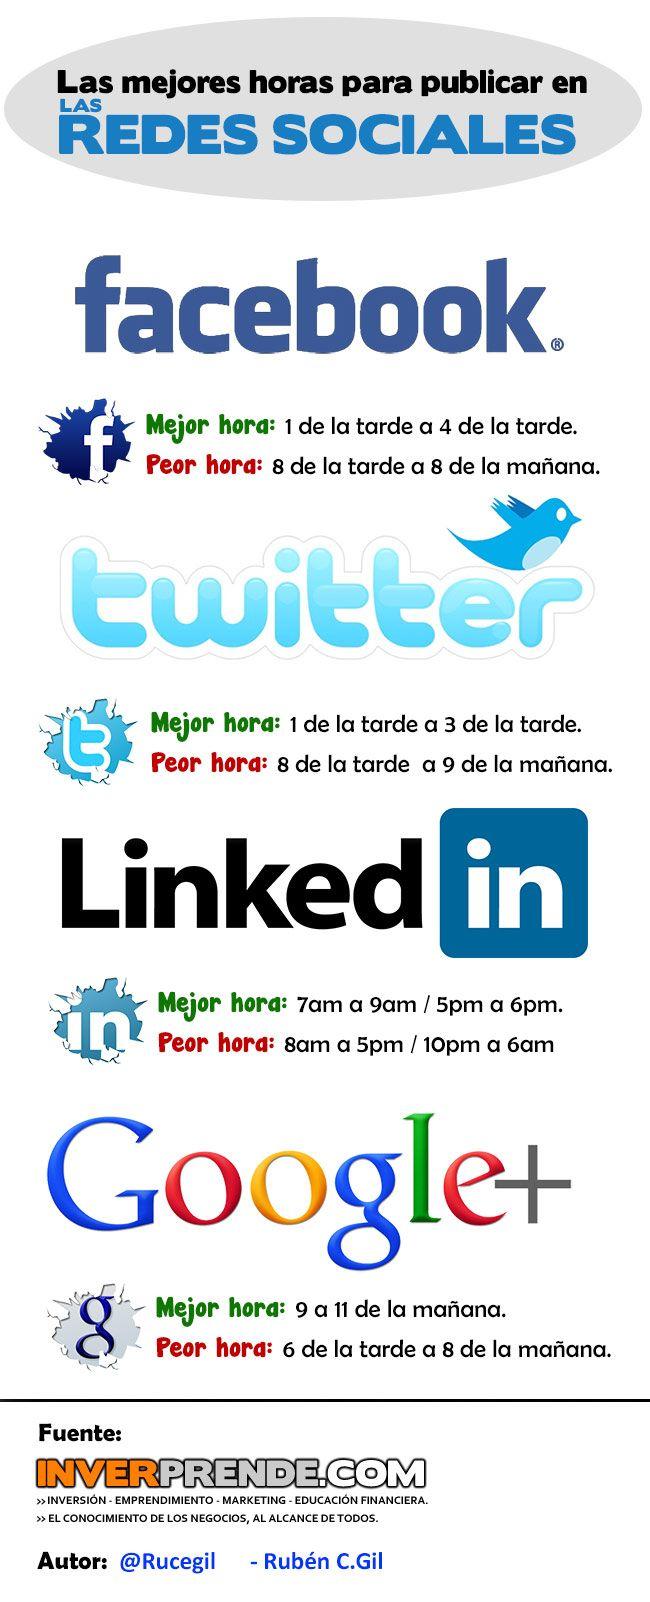 Las mejores horas para publicar en Redes Sociales #infografia